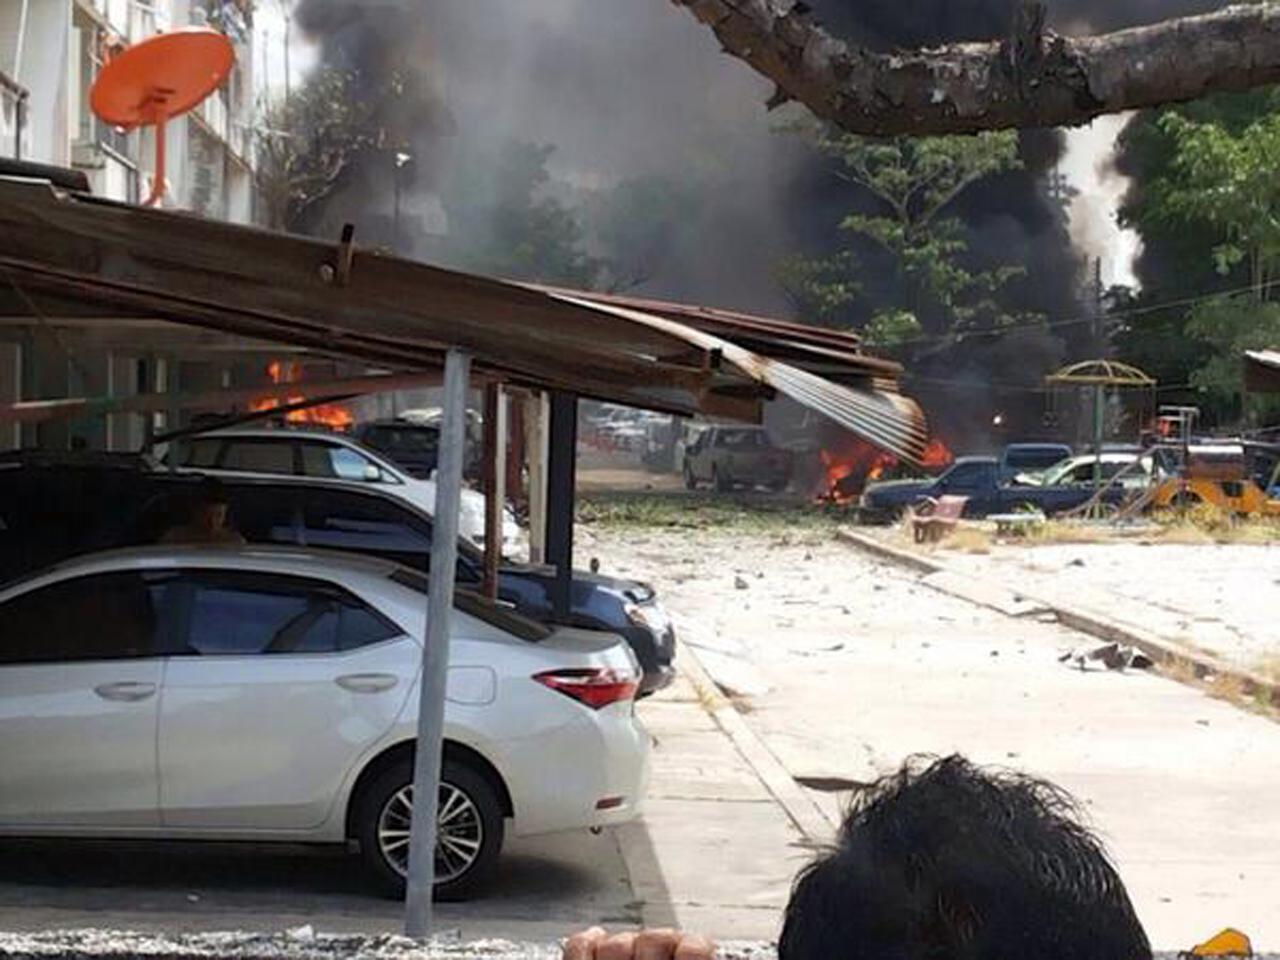 ระเบิดที่จอดรถพักของกลาง สภ.หาดใหญ่